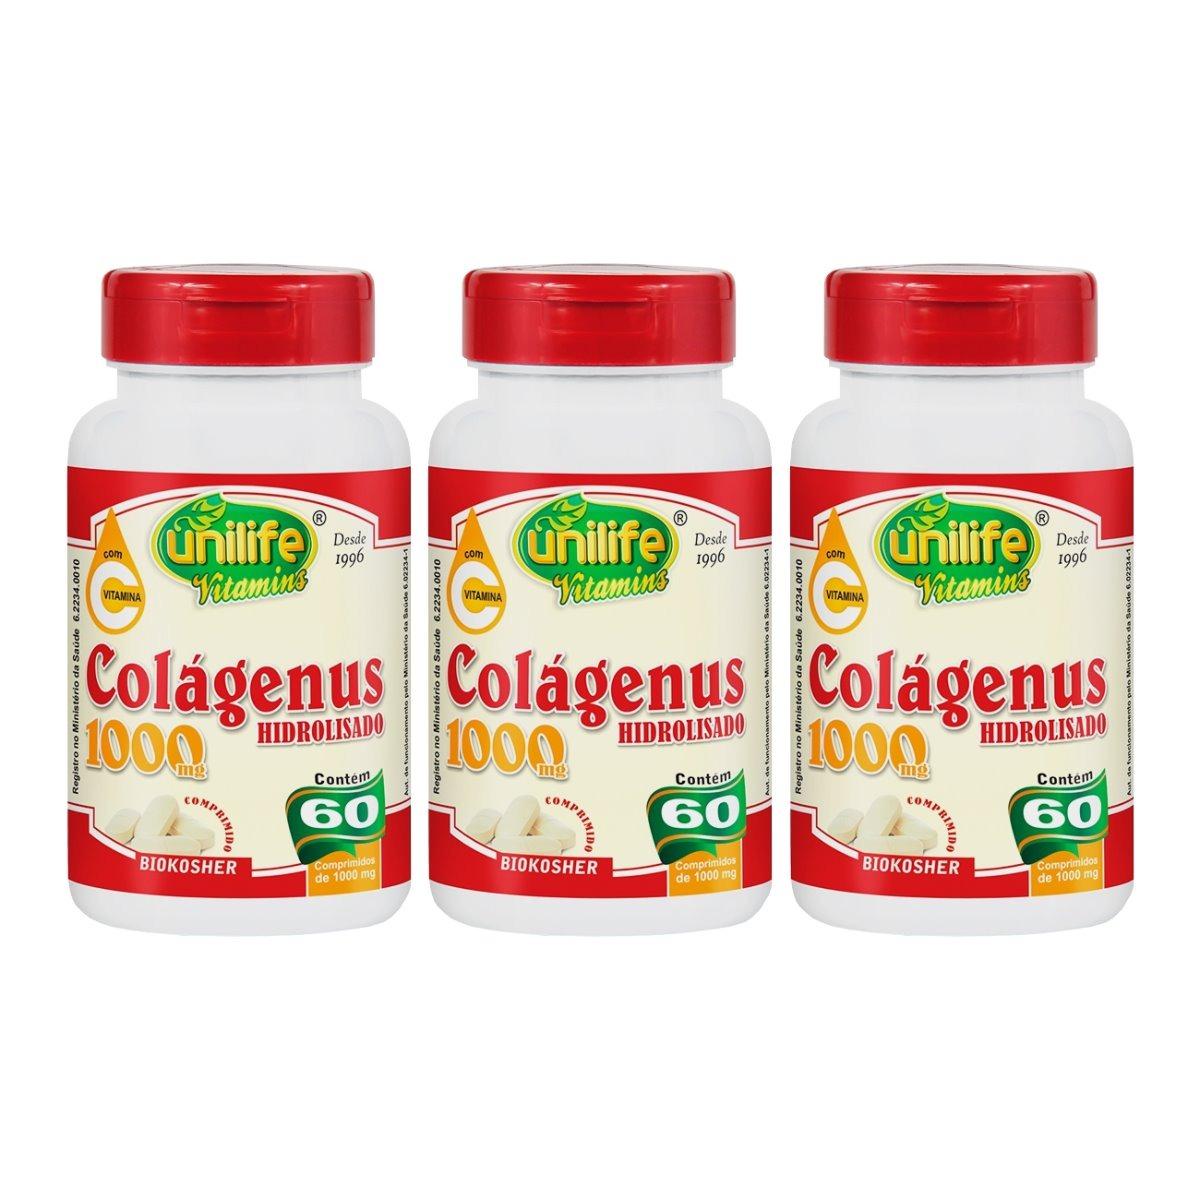 Colágenus Colageno Hidrolizado 1000mg 60 Comprimidos Unilife Kit 3 Unidades